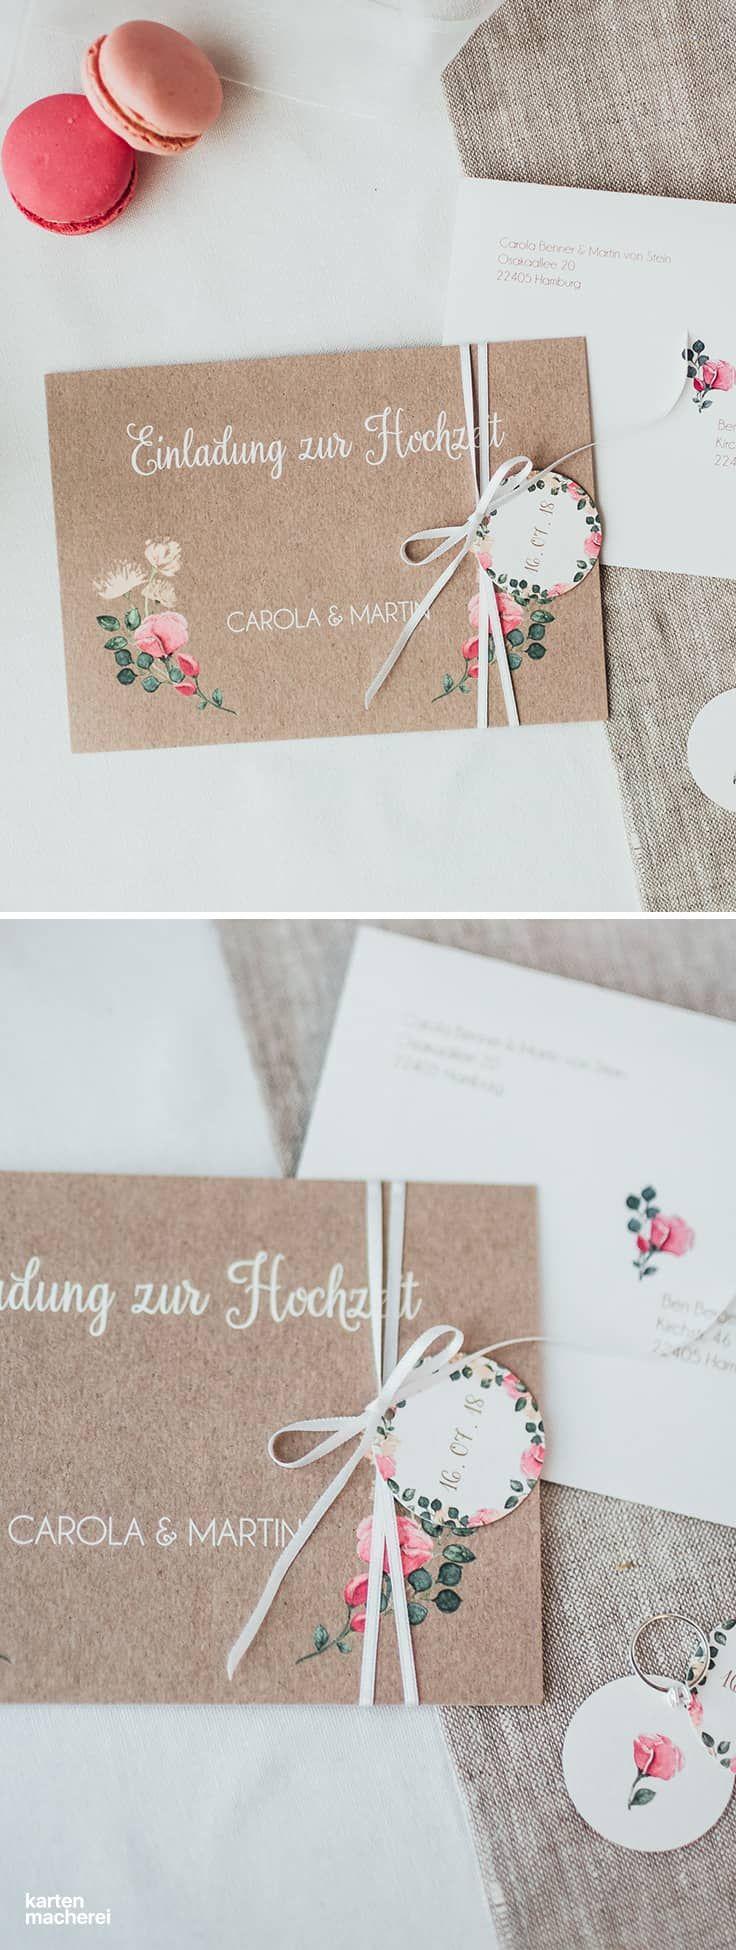 Hochzeitseinladung Vintage Rose Mit Anhänger, Der An Einem Seidenband  Befestigt Ist, Das Um Die